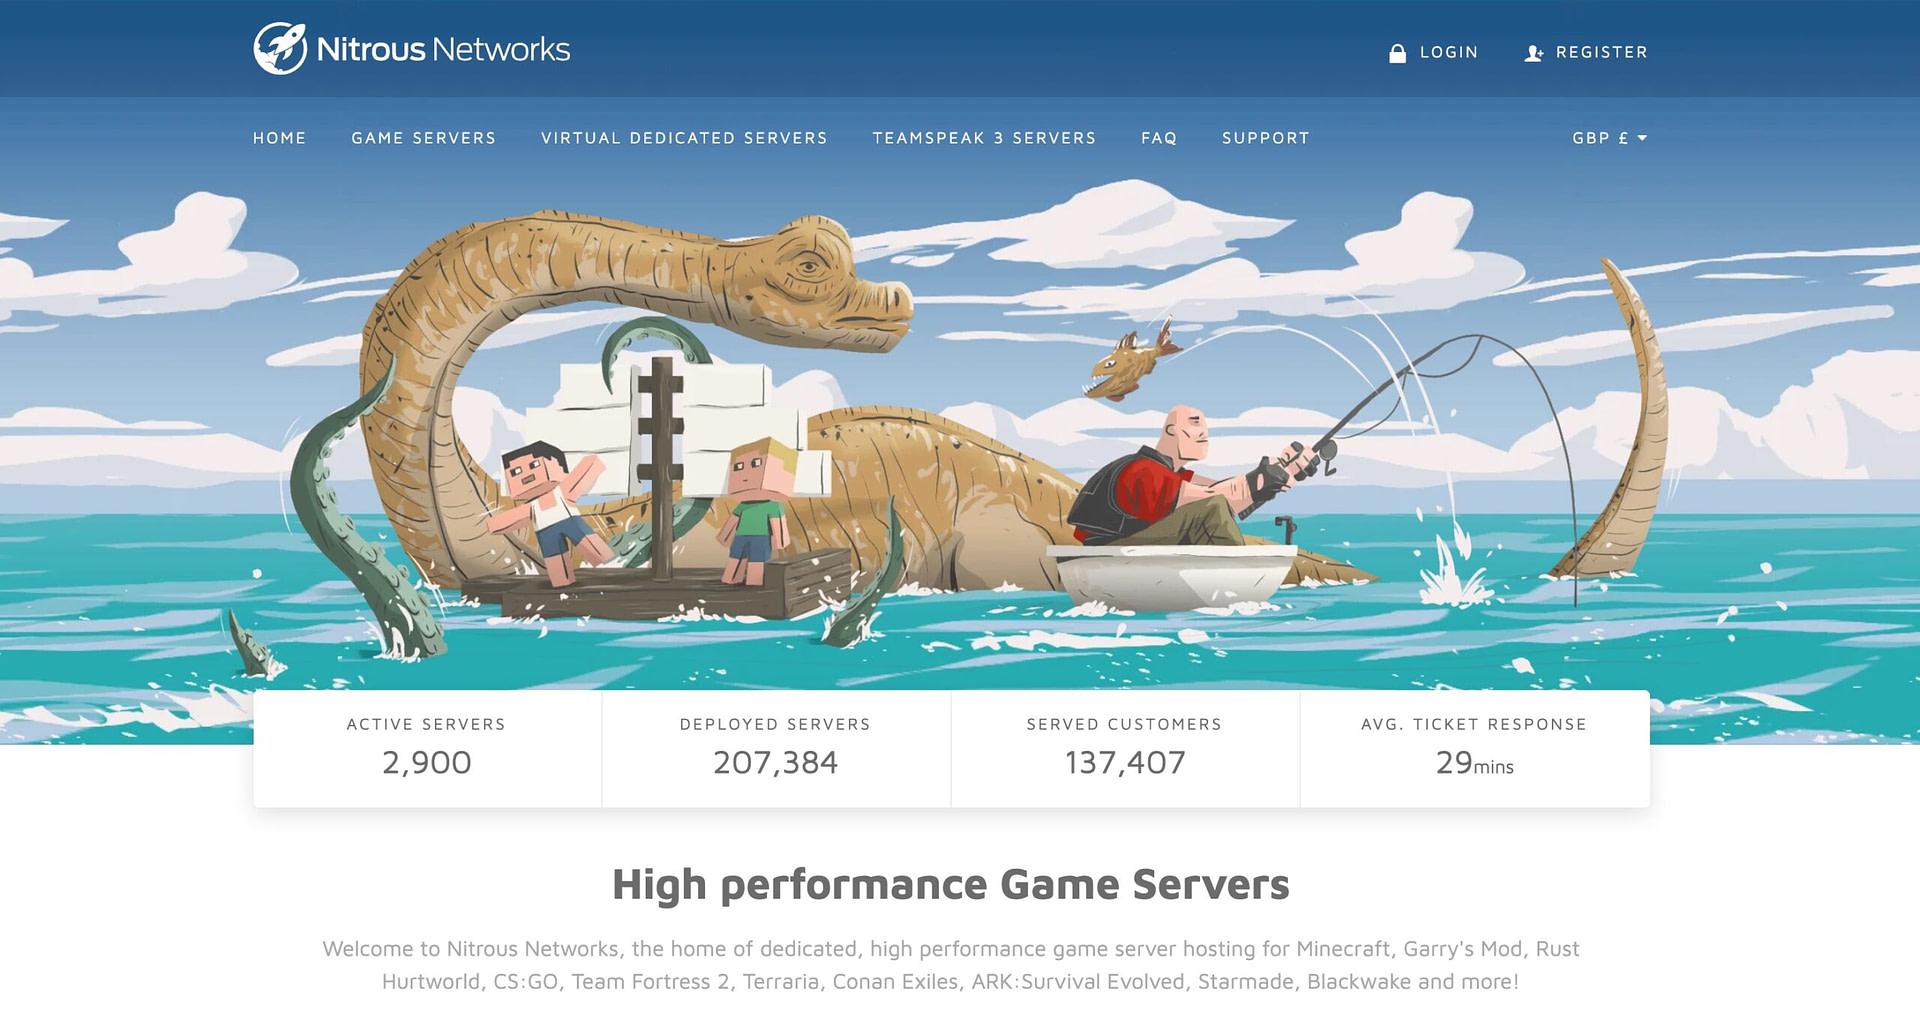 Nitrous Networks - best ARK server hosting